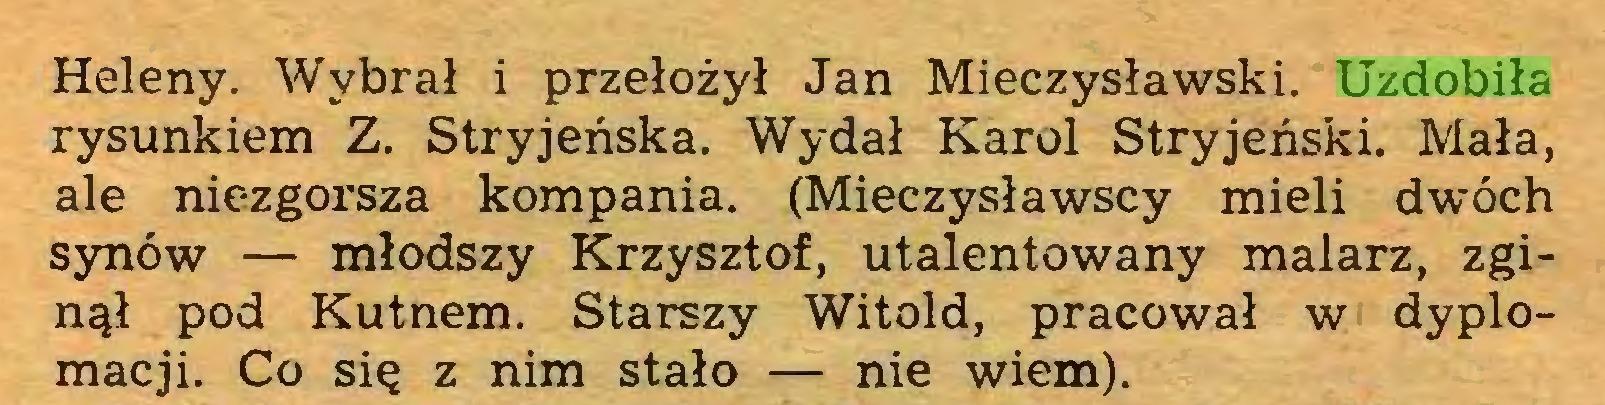 (...) Heleny. Wybrał i przełożył Jan Mieczysławski. Uzdobiła rysunkiem Z. Stryjeńska. Wydał Karol Stryjeński. Mała, ale niezgorsza kompania. (Mieczysławscy mieli dwóch synów — młodszy Krzysztof, utalentowany malarz, zginął pod Kutnem. Starszy Witold, pracował w dyplomacji. Co się z nim stało — nie wiem)...